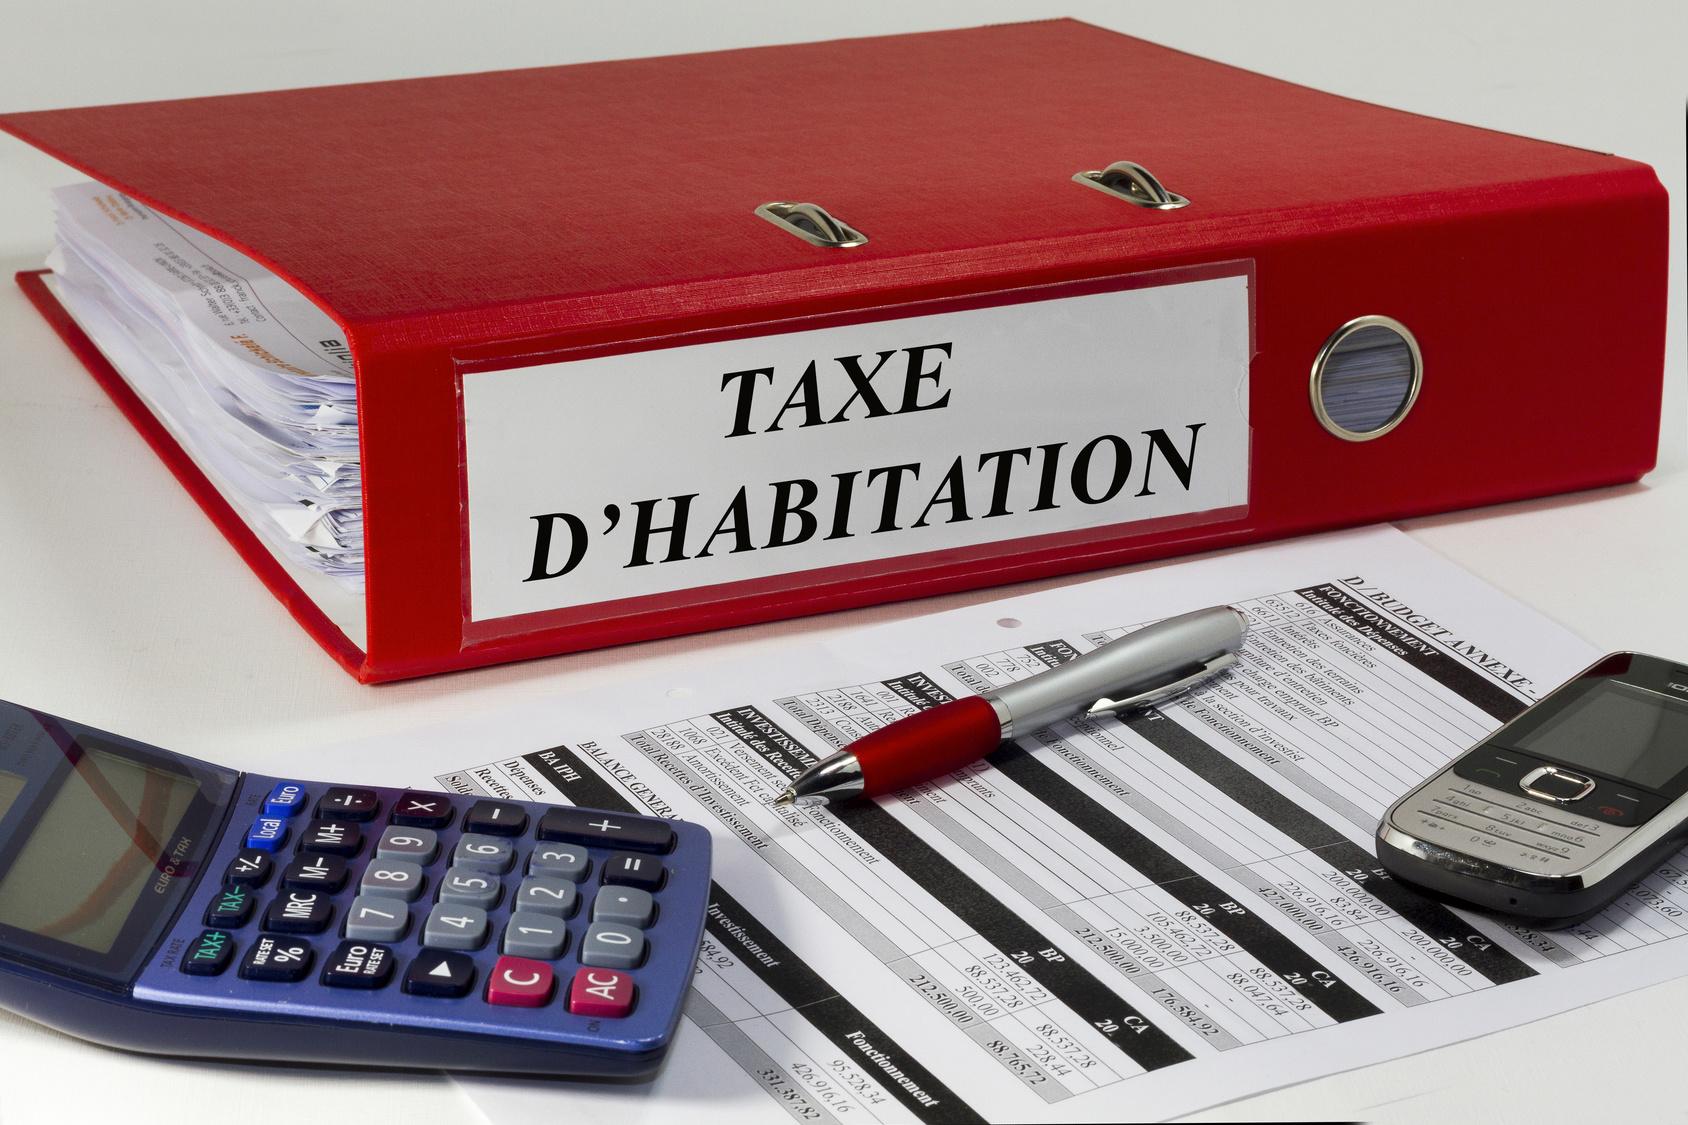 Taxe d 39 habitation est ce toujours au locataire de payer for Location meublee et taxe habitation